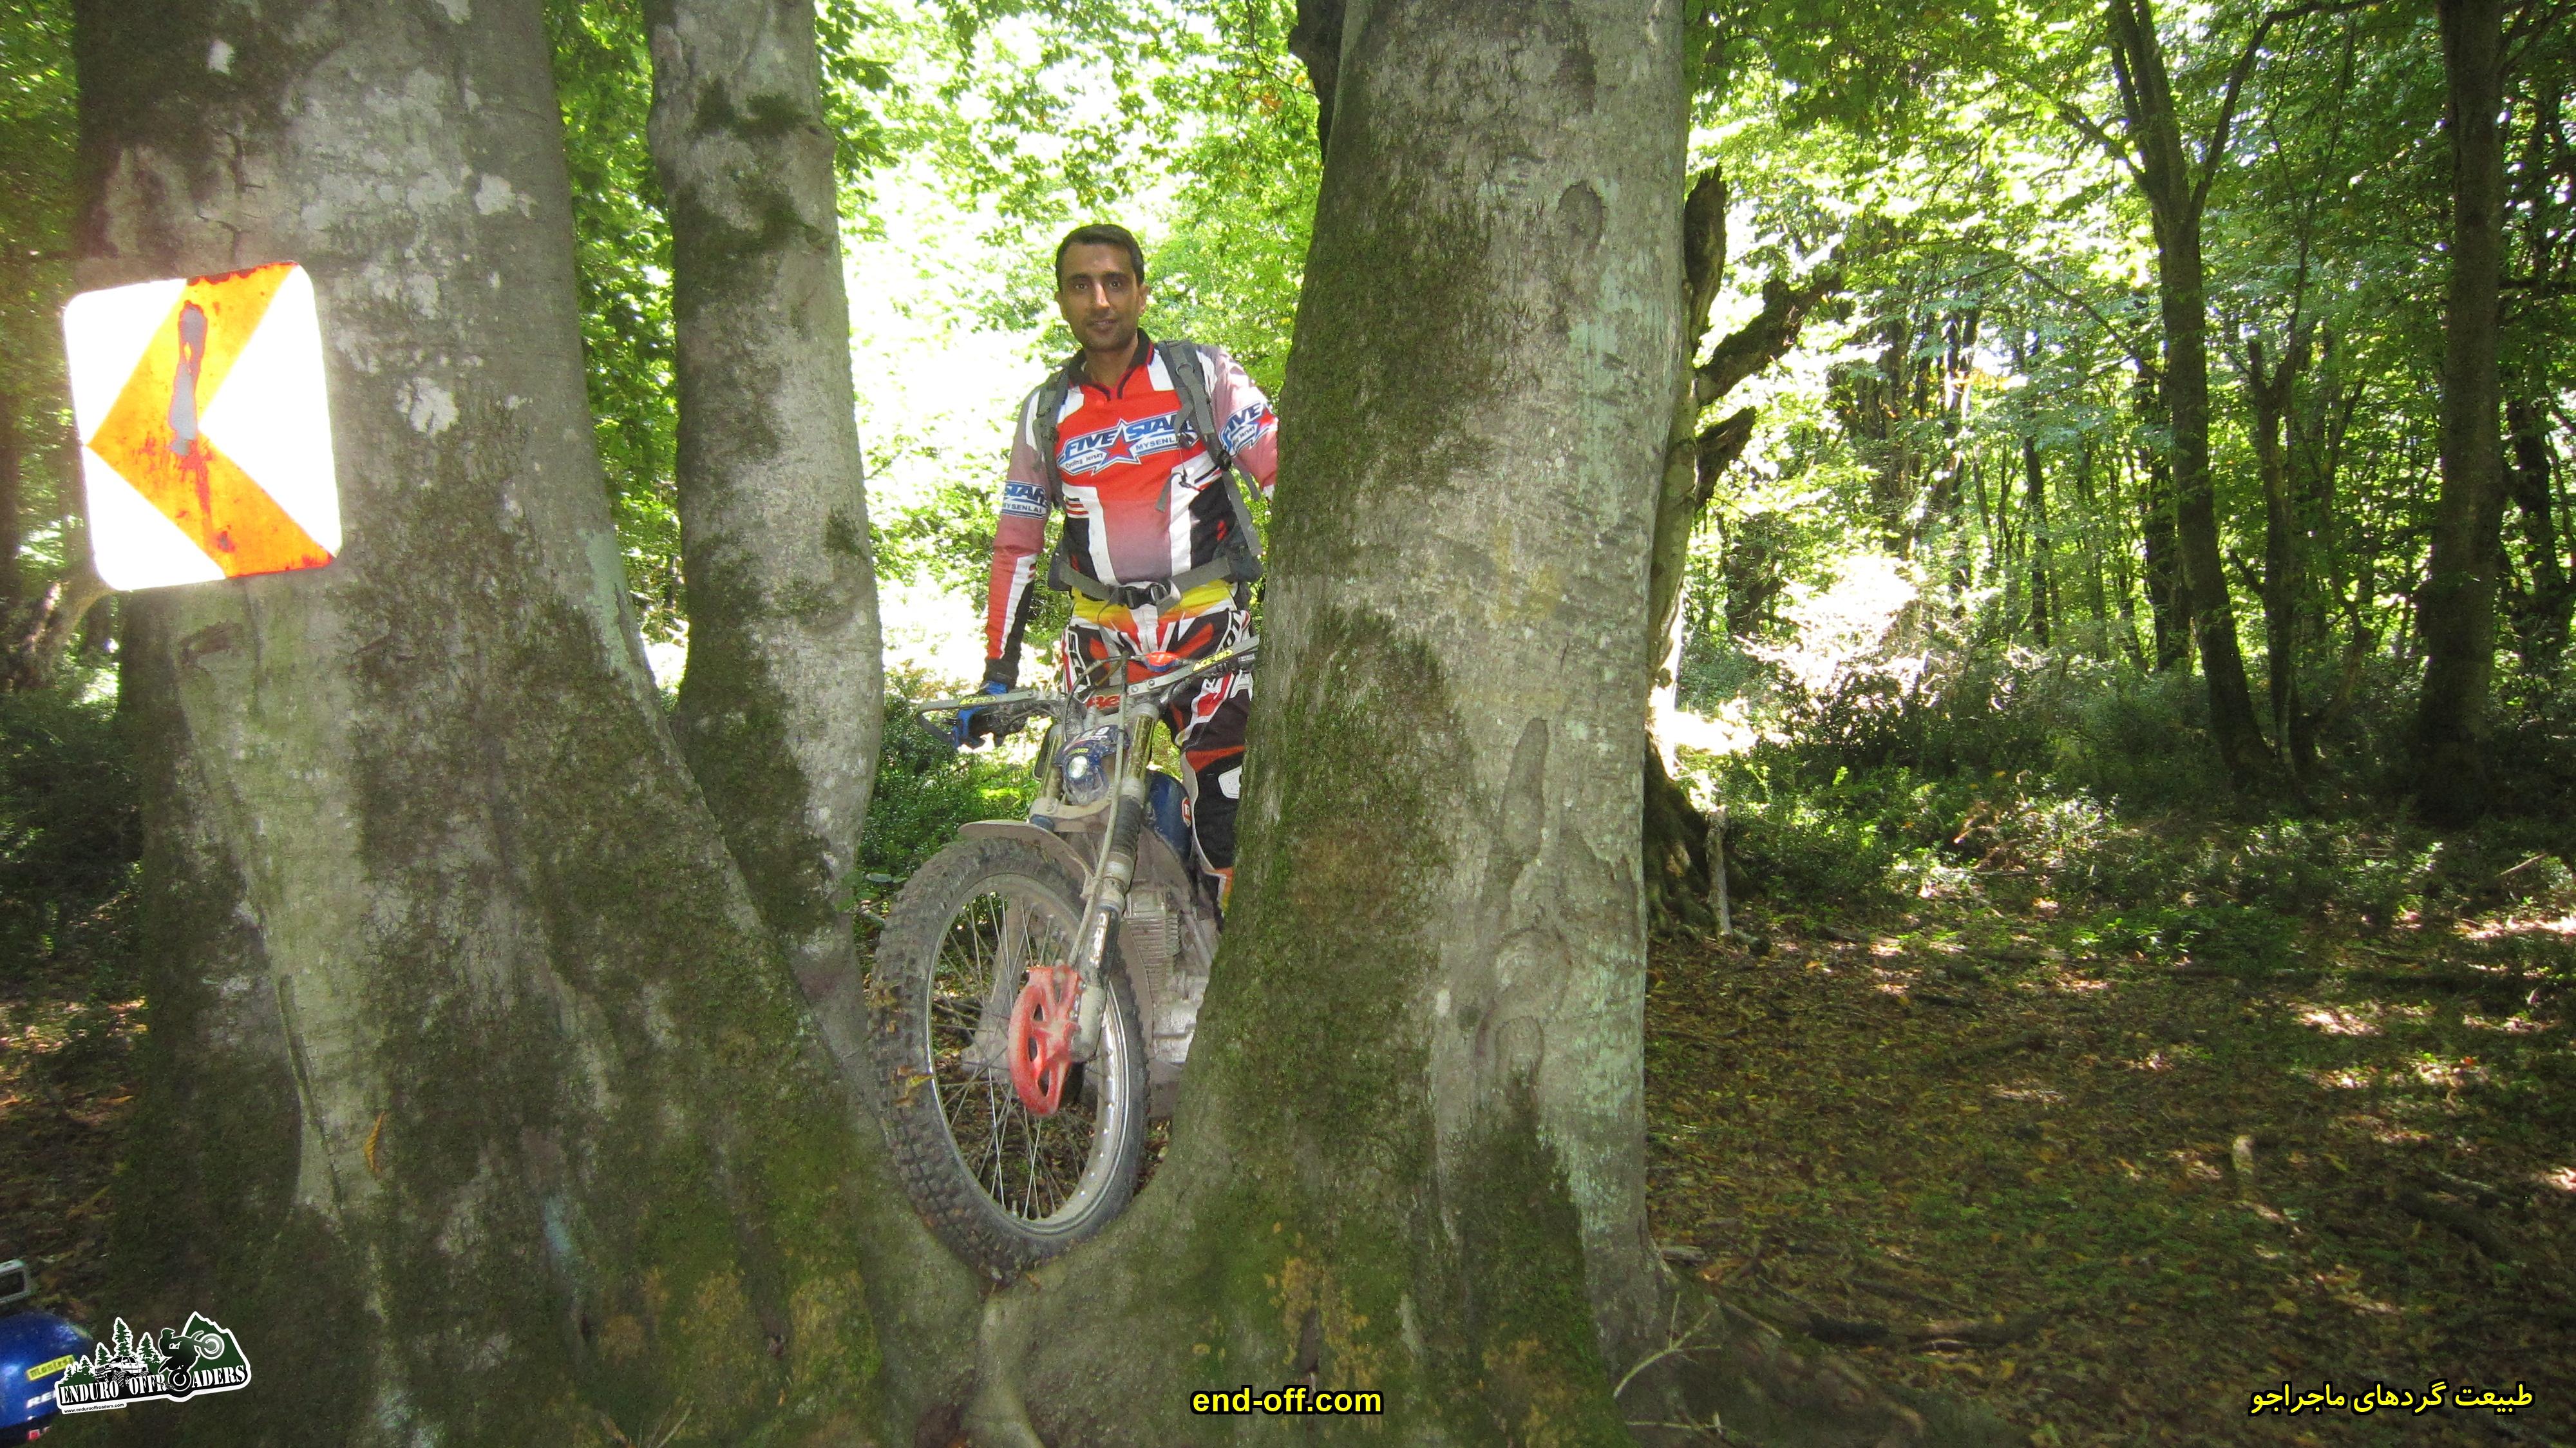 جنگل الیمستان - تابستان 1399 - 2020